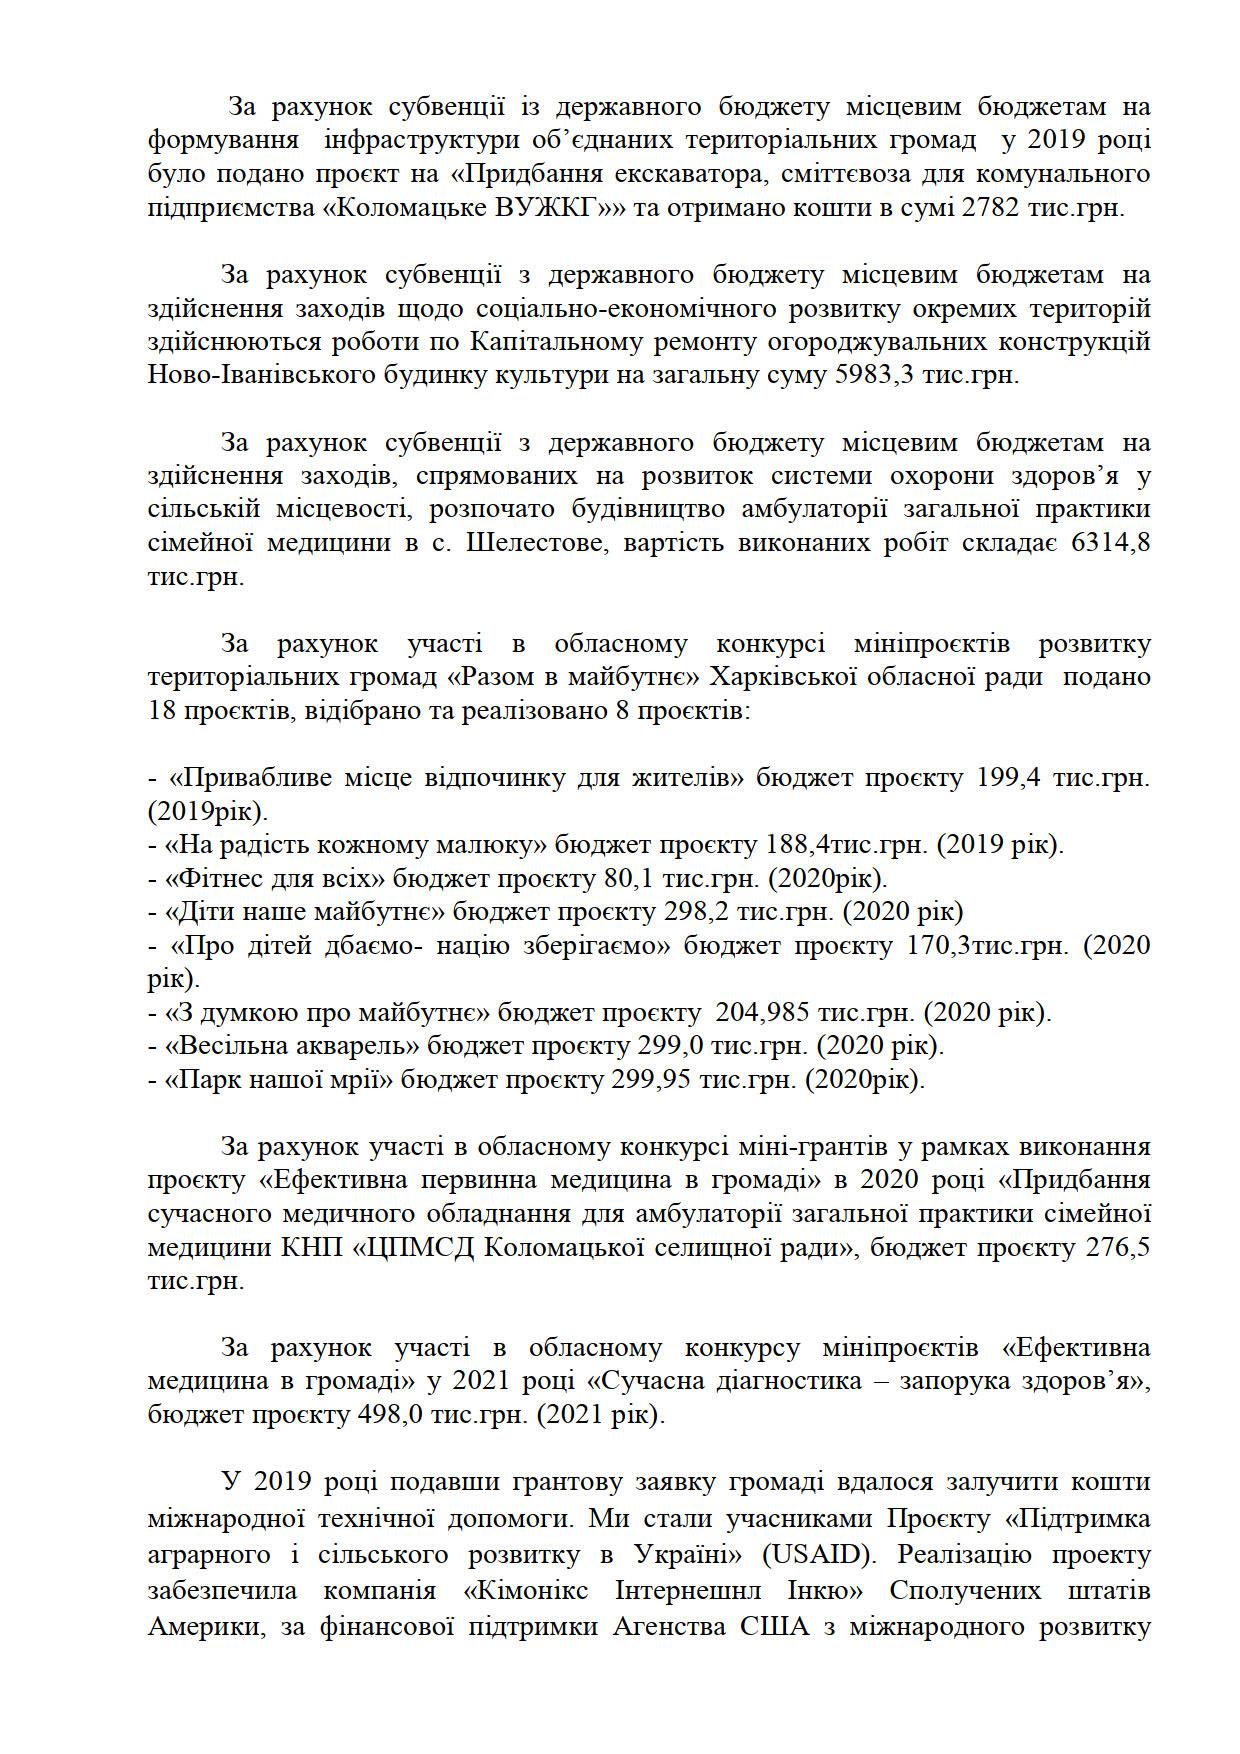 Microsoft Word - інвестиційний паспорт 2021 готов_17